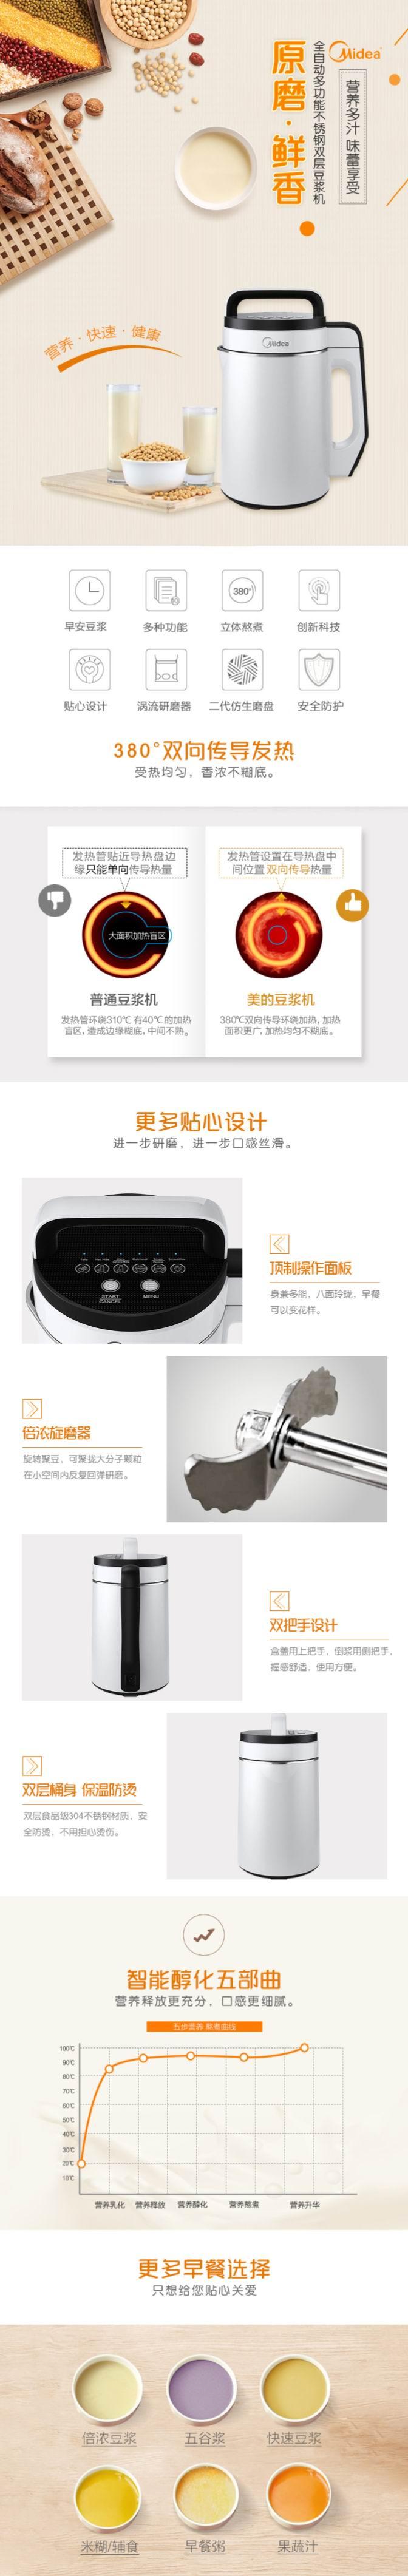 独家:Midea 美的 1.7升 双层不锈钢 全自动豆浆机 89.98加元包邮!